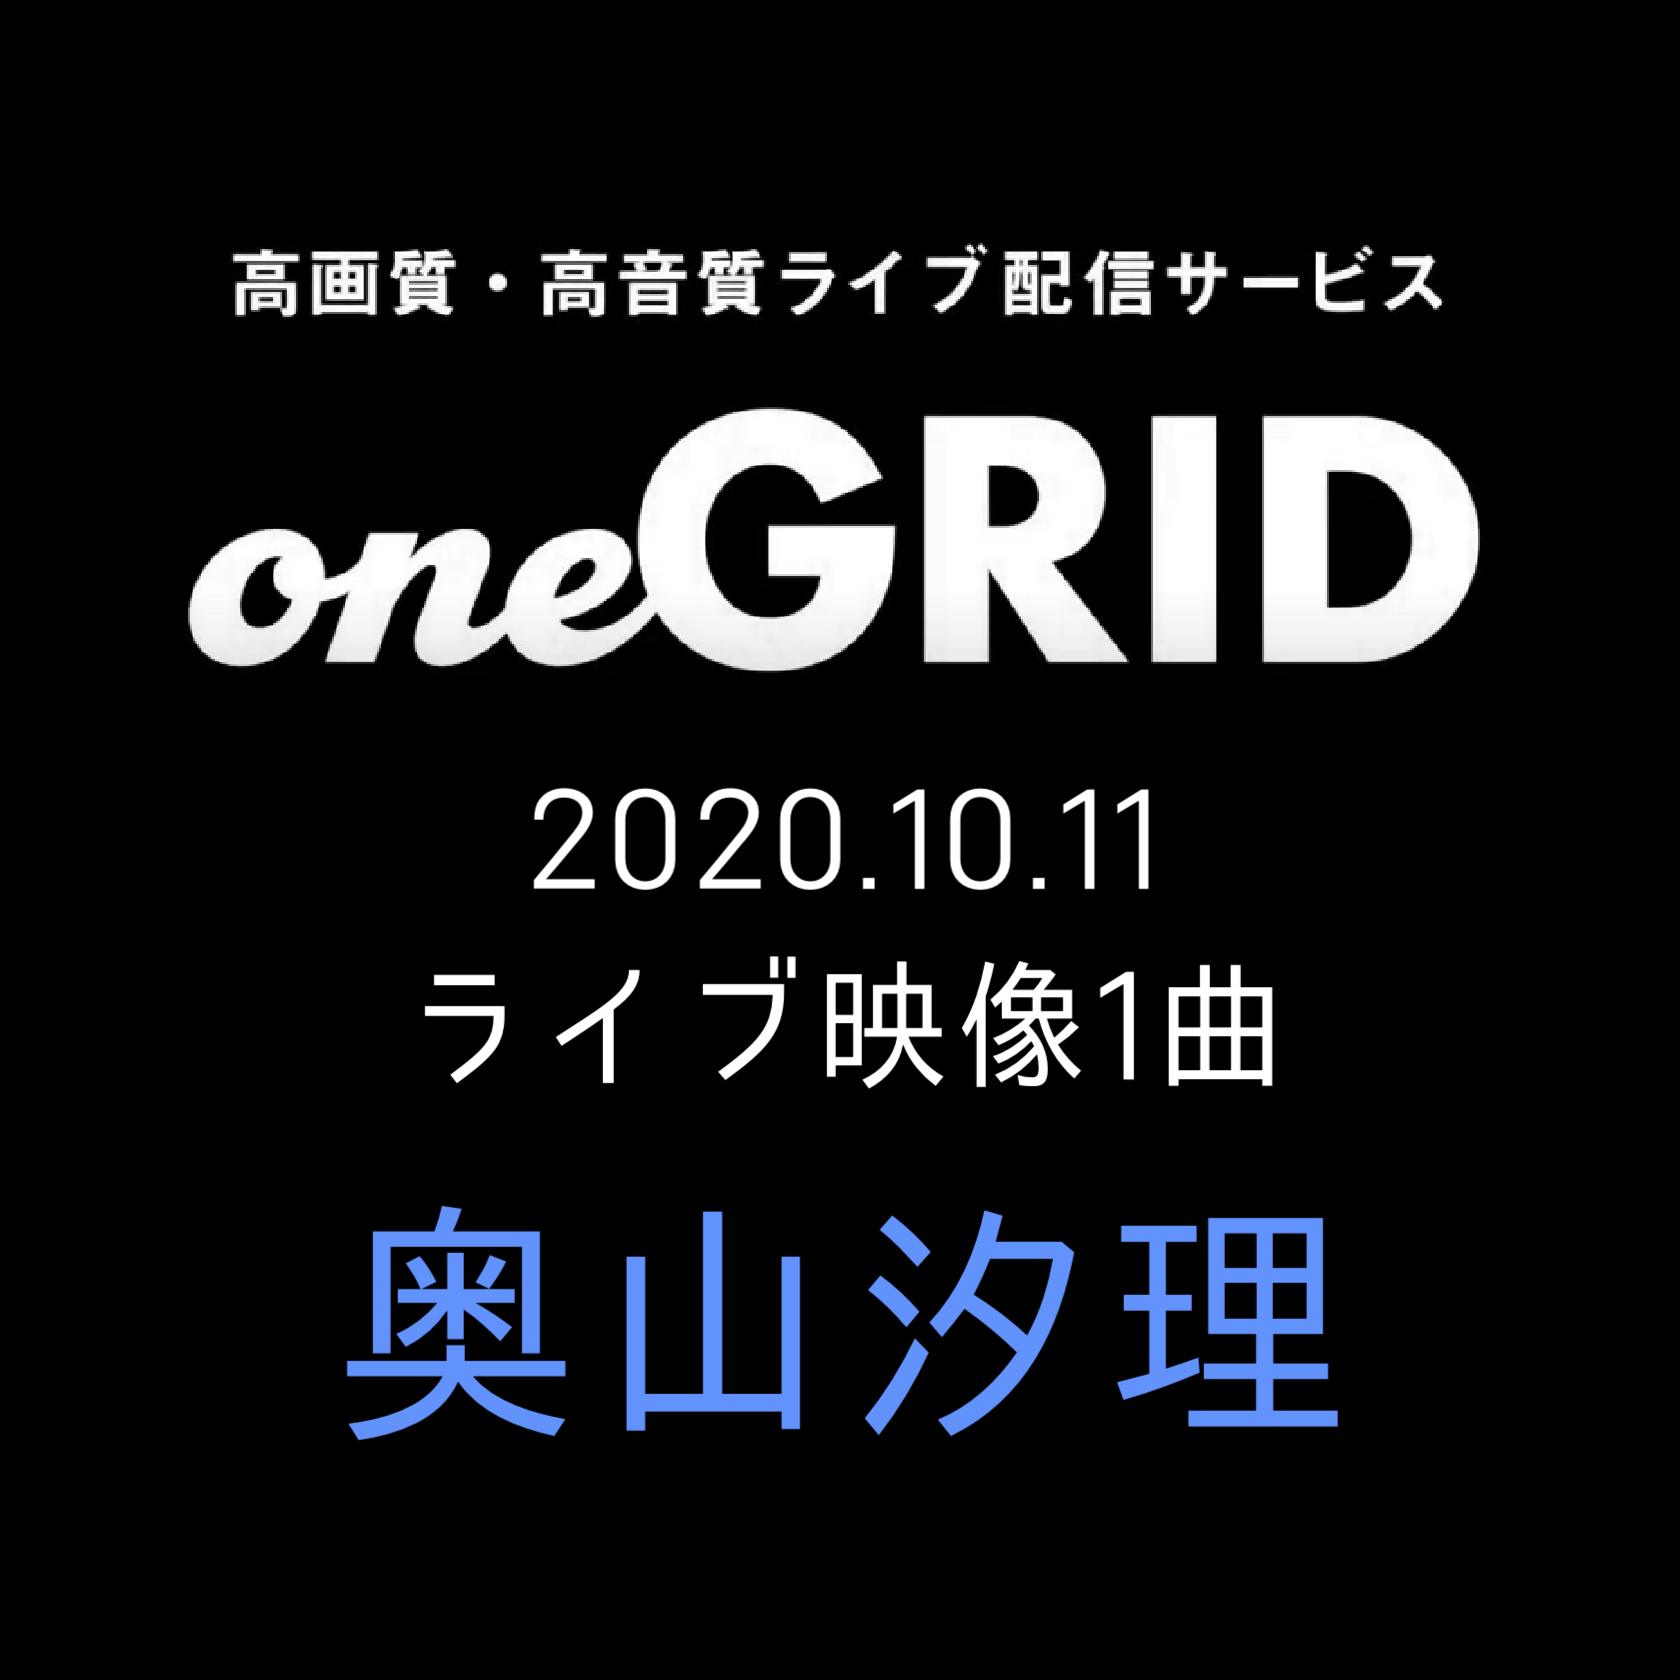 10/11 奥山汐理 ライブ映像